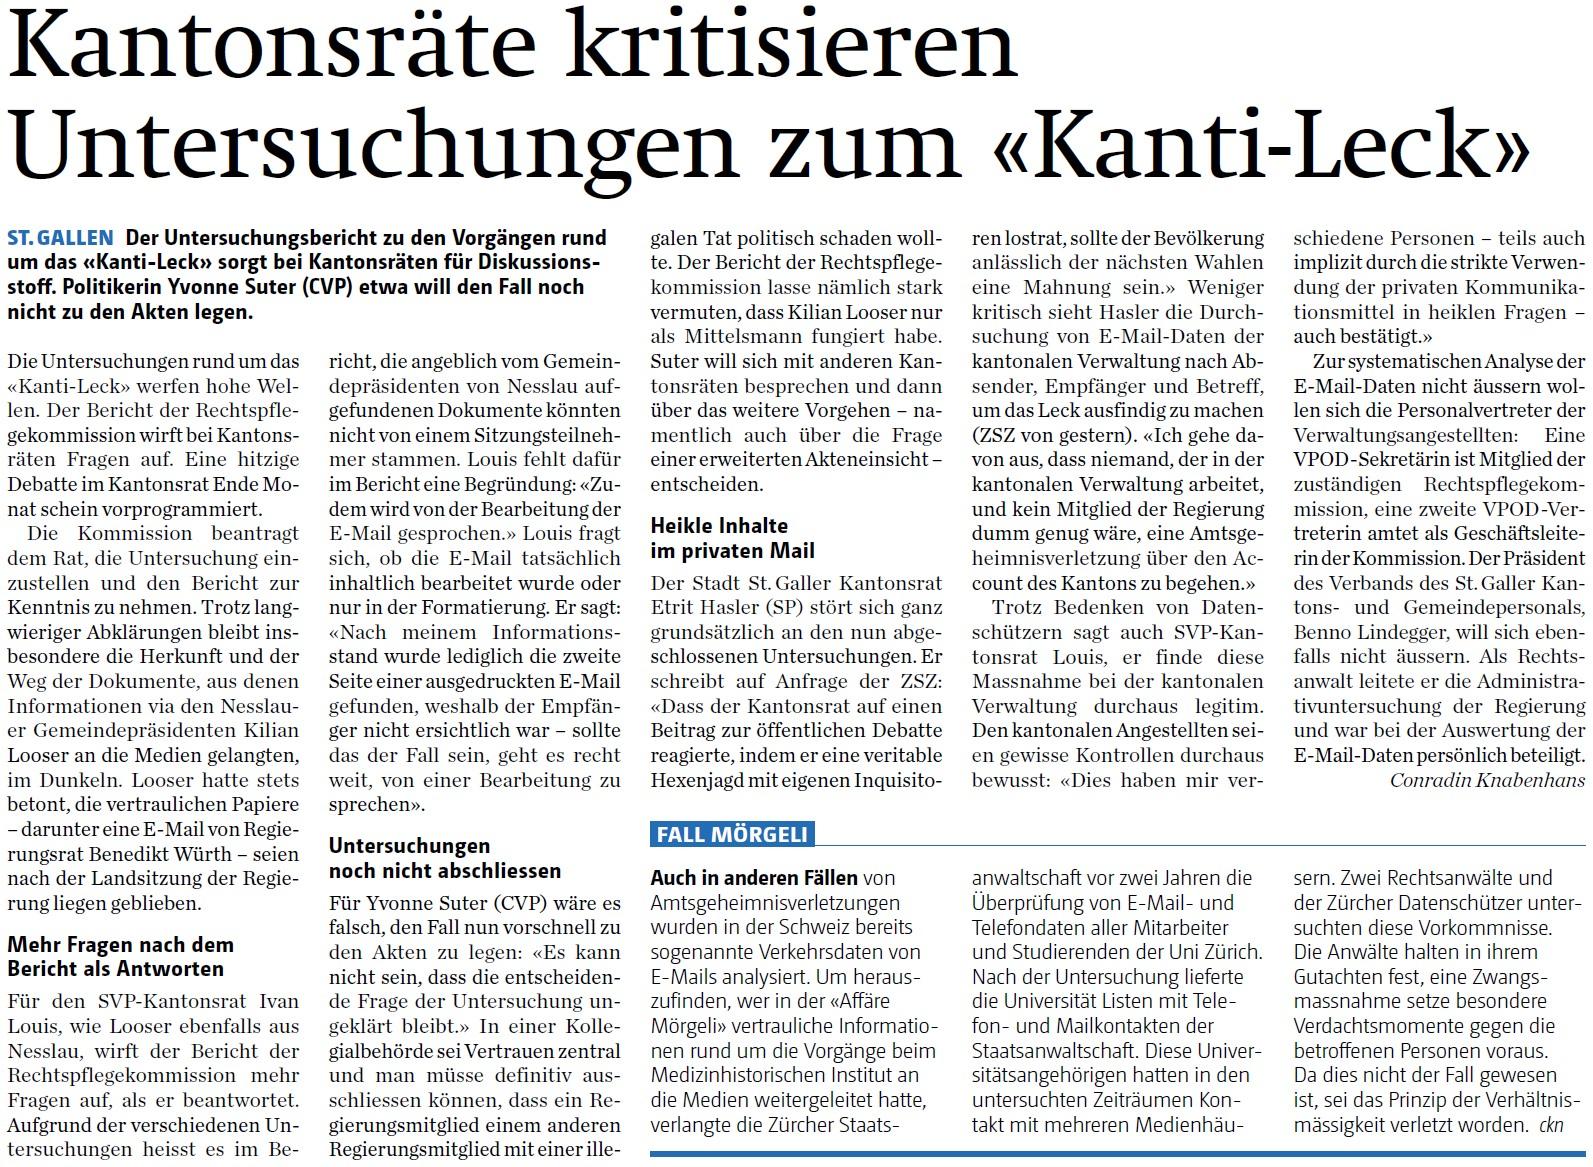 Kantonsräte kritisieren Untersuchungen zum «Kanti-Leck» (Freitag, 20.11.2015)